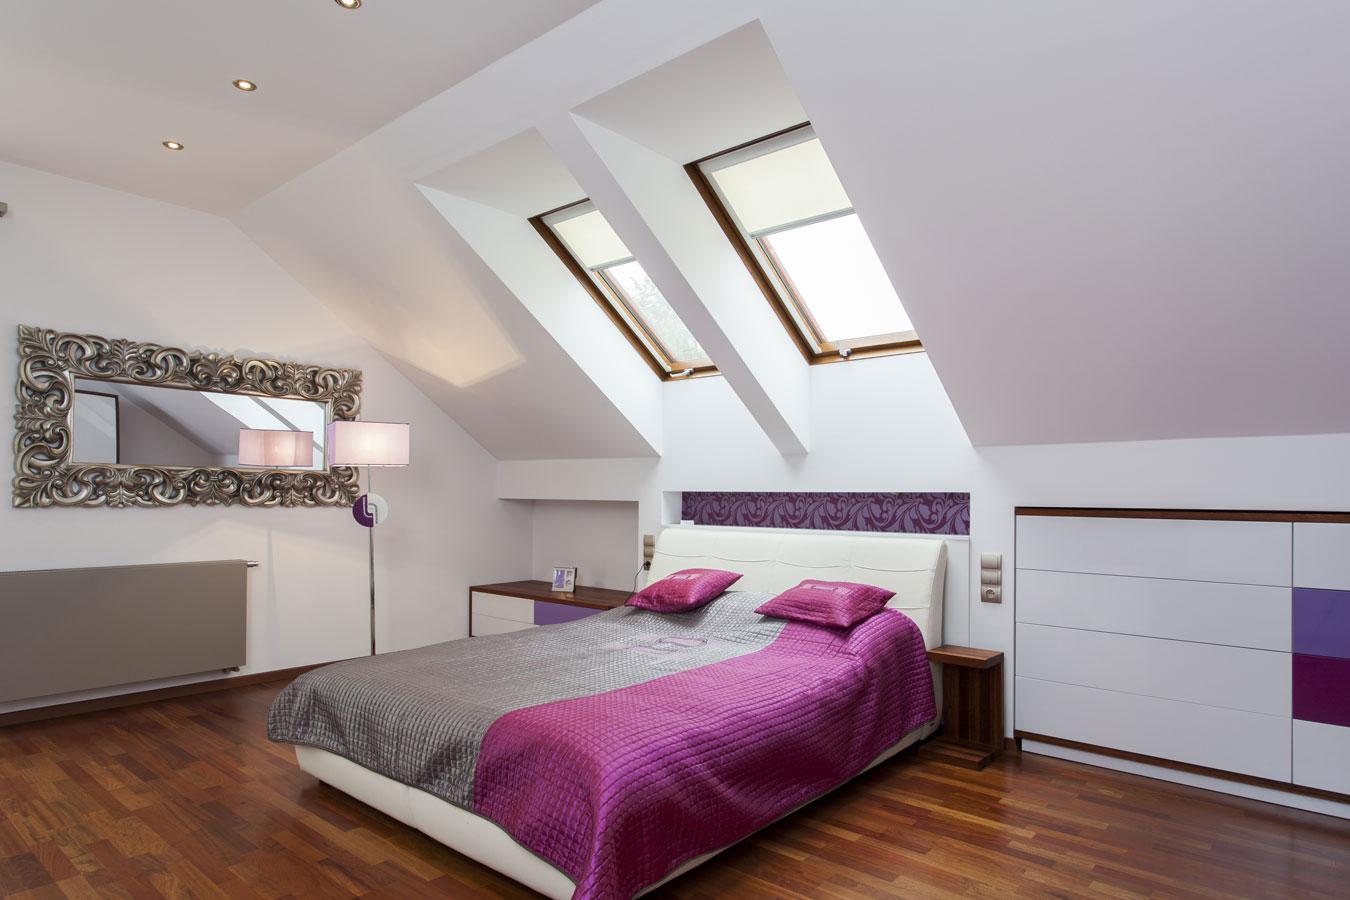 slaapkamer op zolder: tips & inspiratie, Deco ideeën